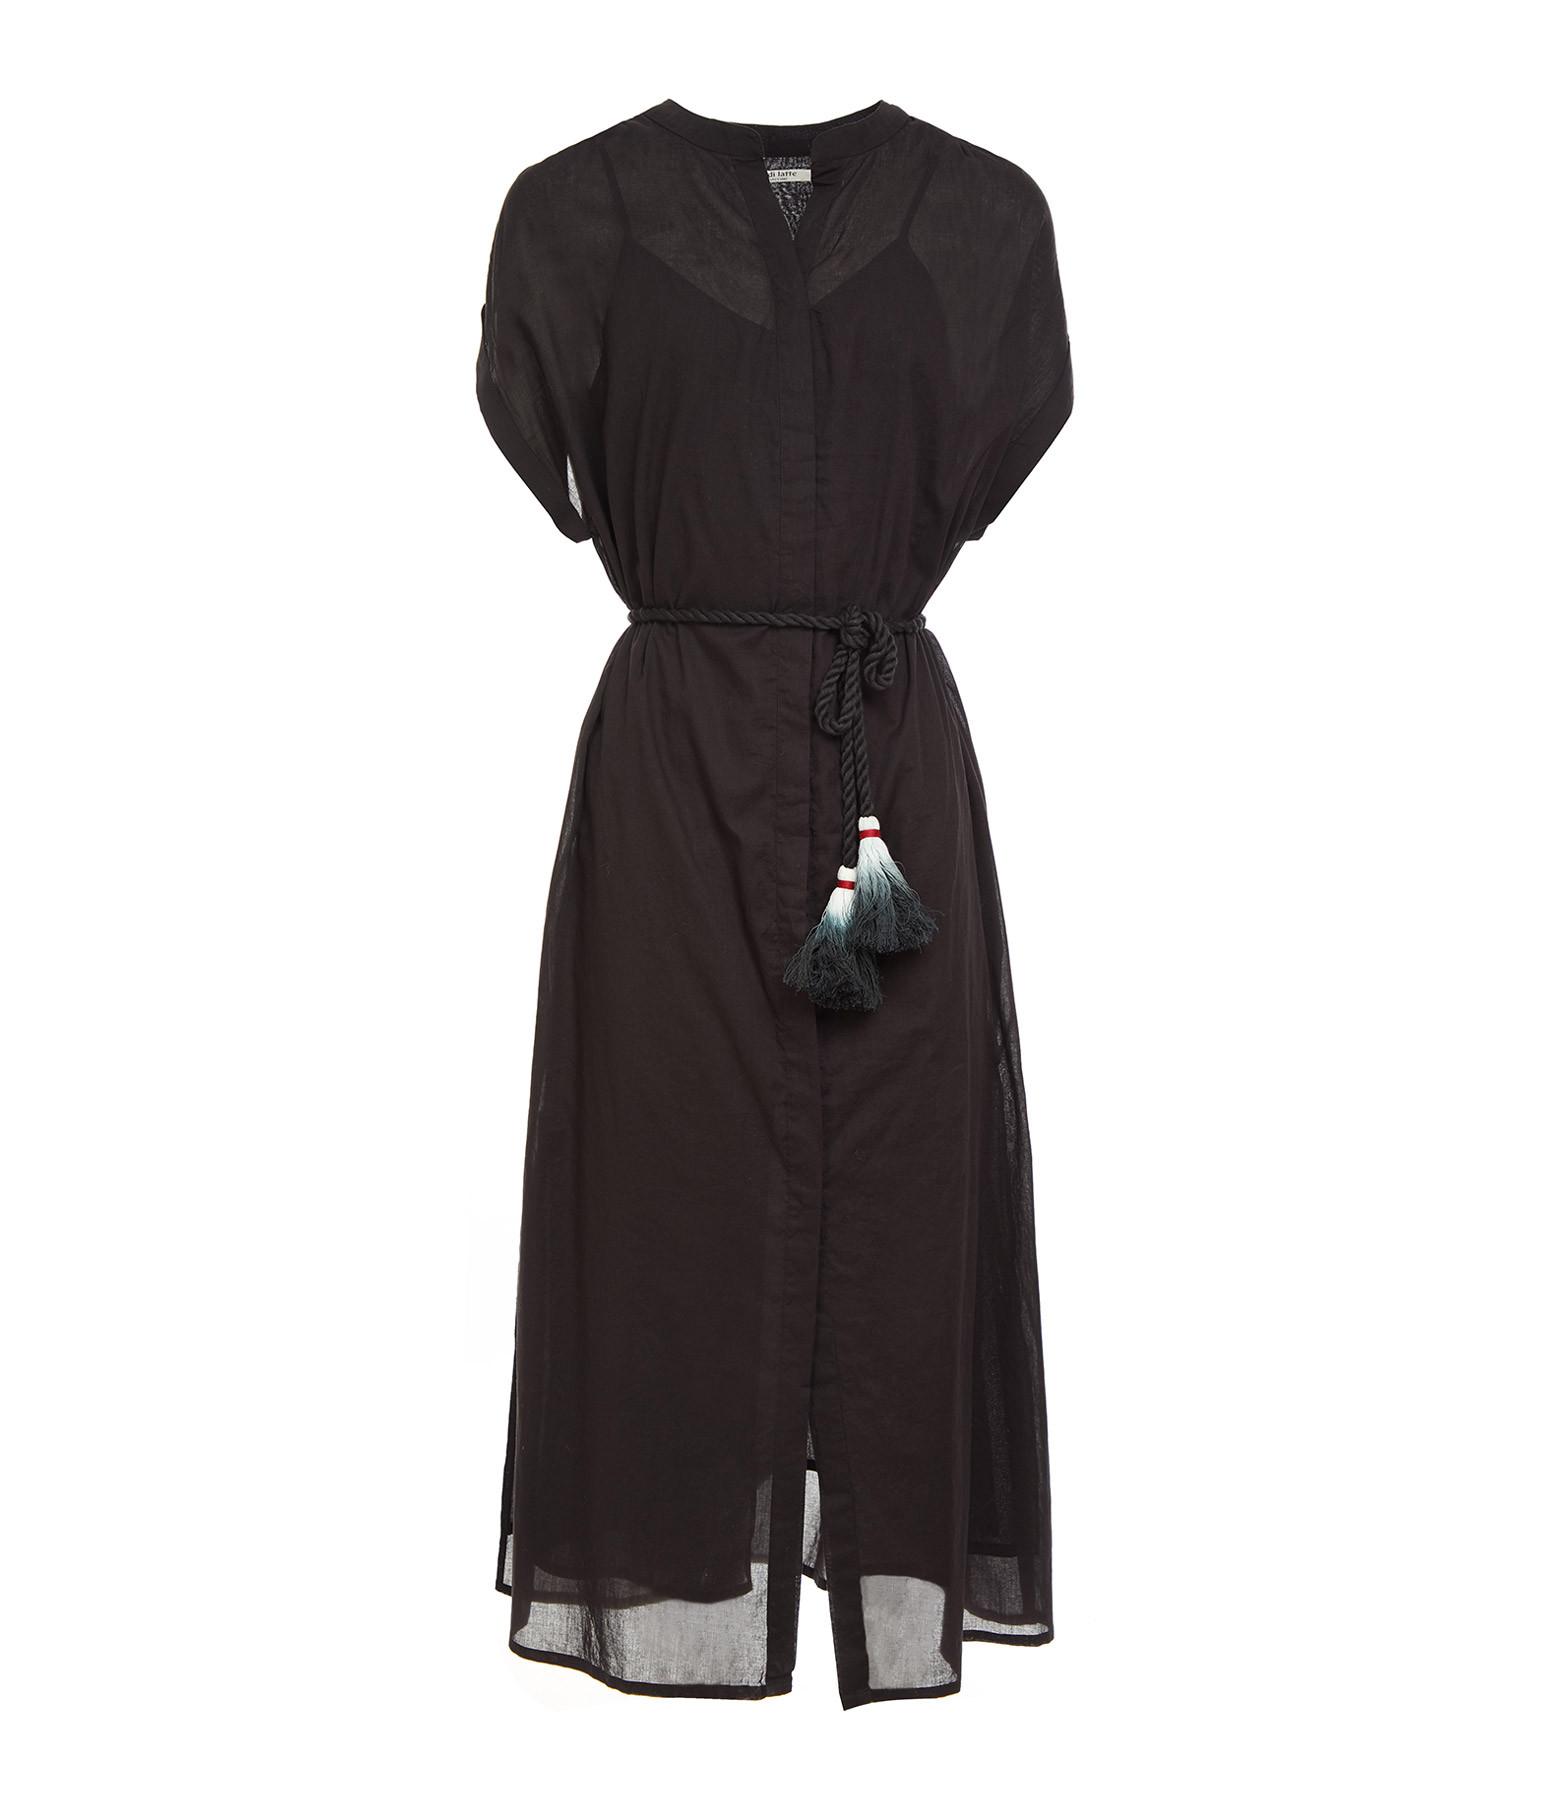 MARE DI LATTE - Robe Helena Coton Noir